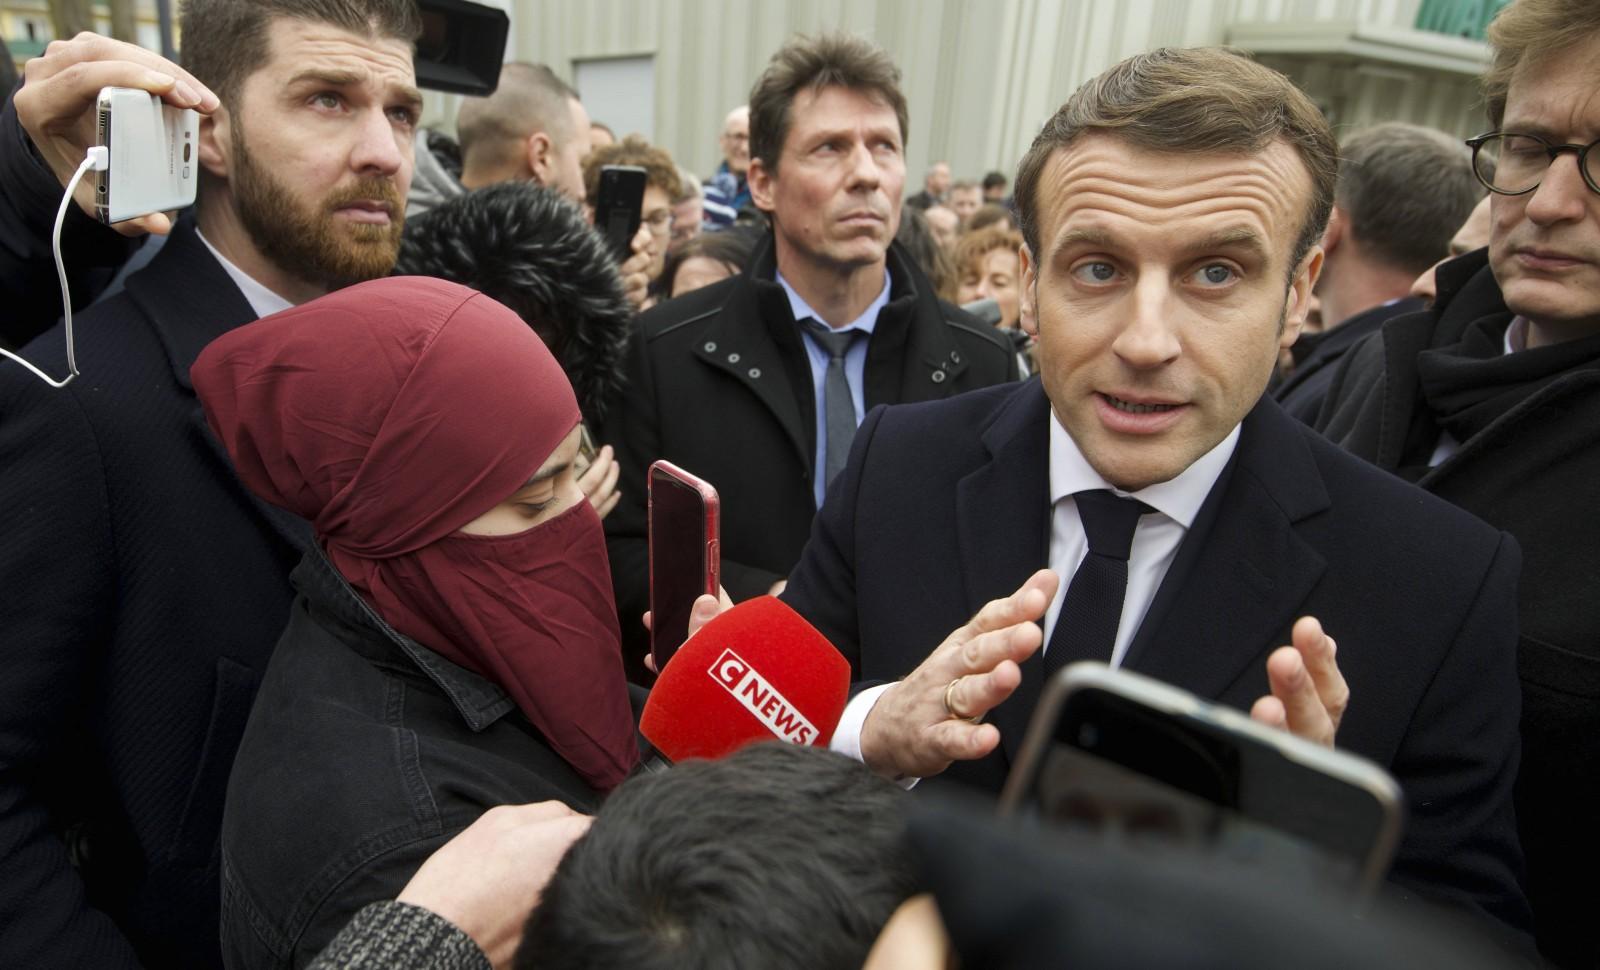 L'Etat est laïc, la société française... vraiment plus. Emmanuel Macron à Bourtzwiller le 18 février 2020 © Sebastien Bozon/AP/SIPA Numéro de reportage: AP22429774_000003